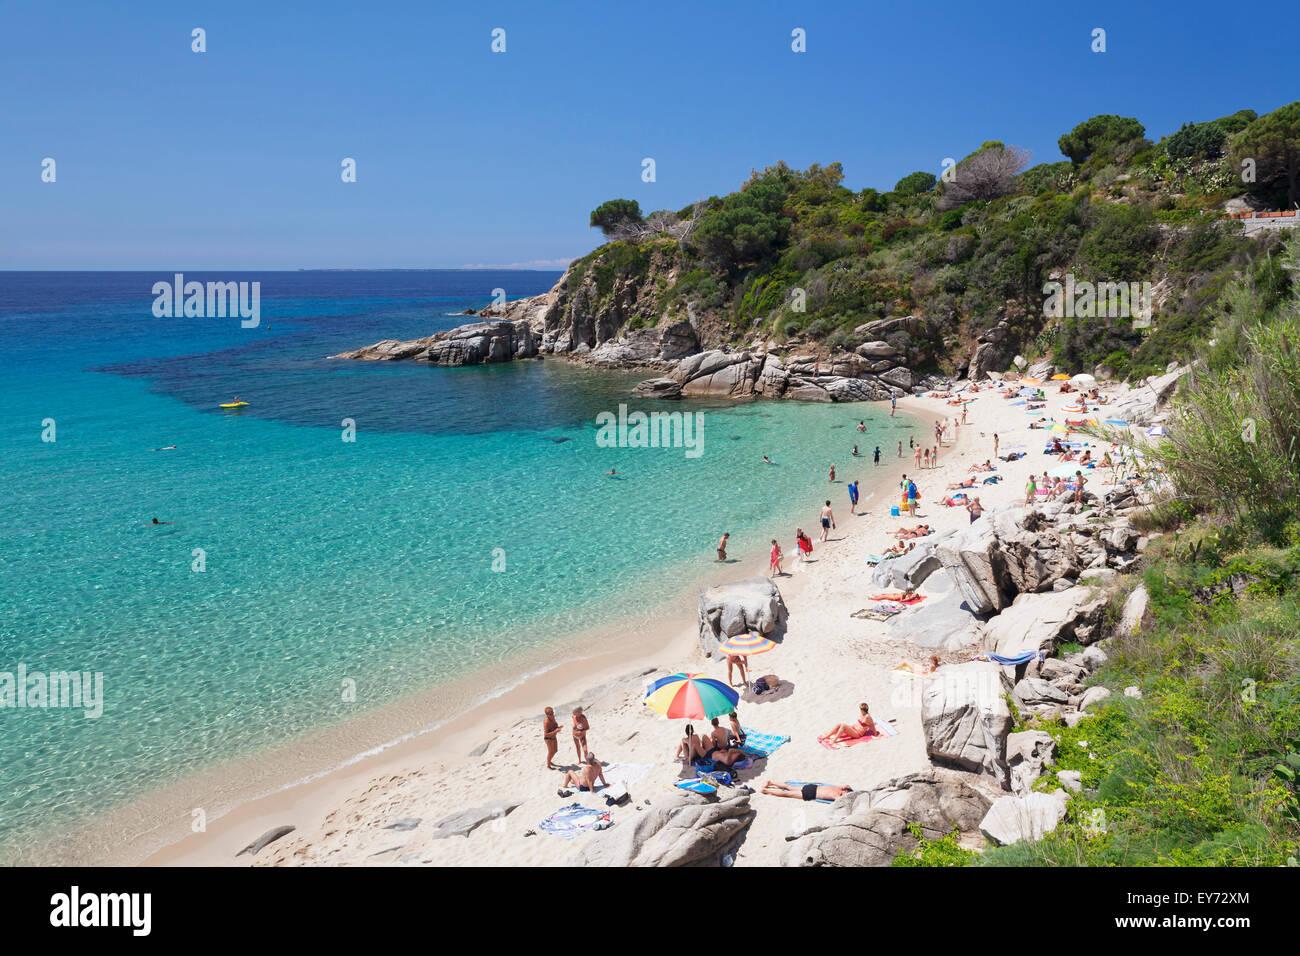 Beach of Cavoli, Elba, Livorno province, Tuscany, Italy - Stock Image